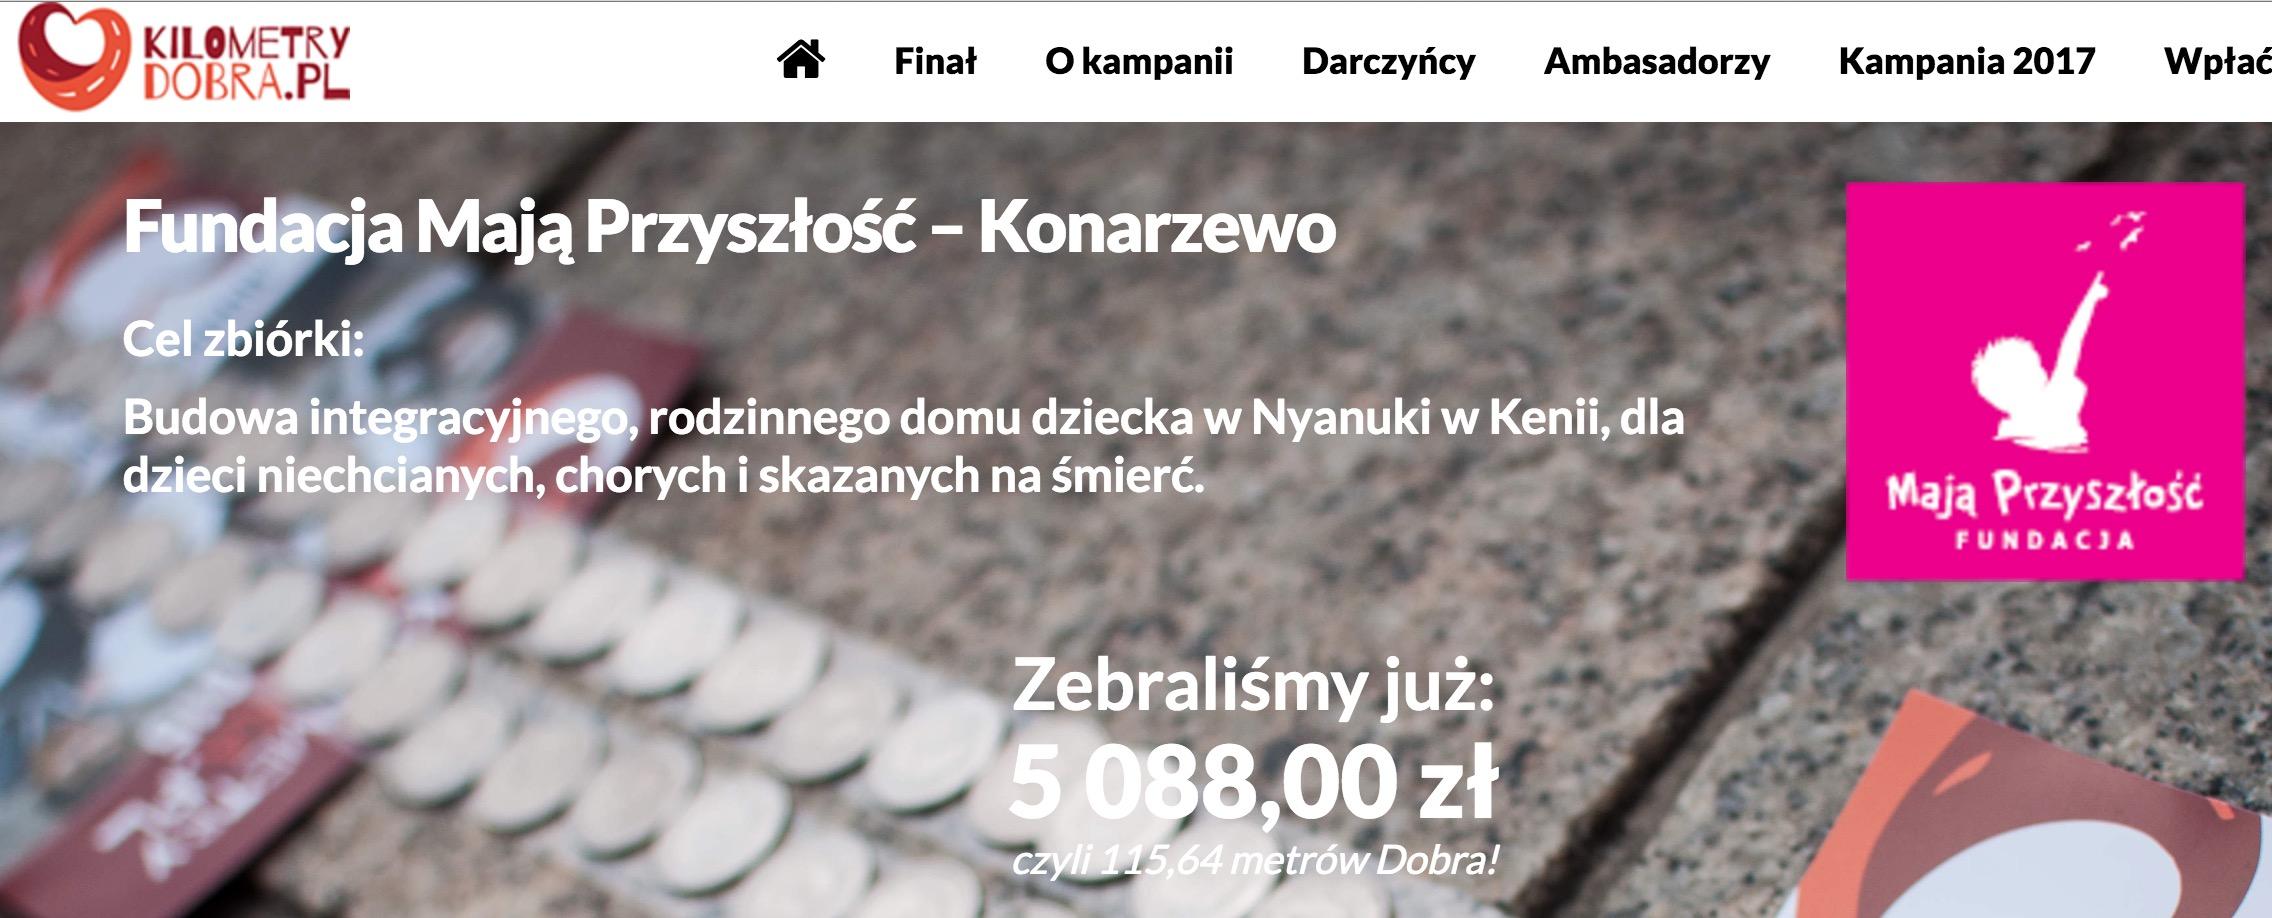 Finał kampanii Kilometry Dobra-zrzut obrazu